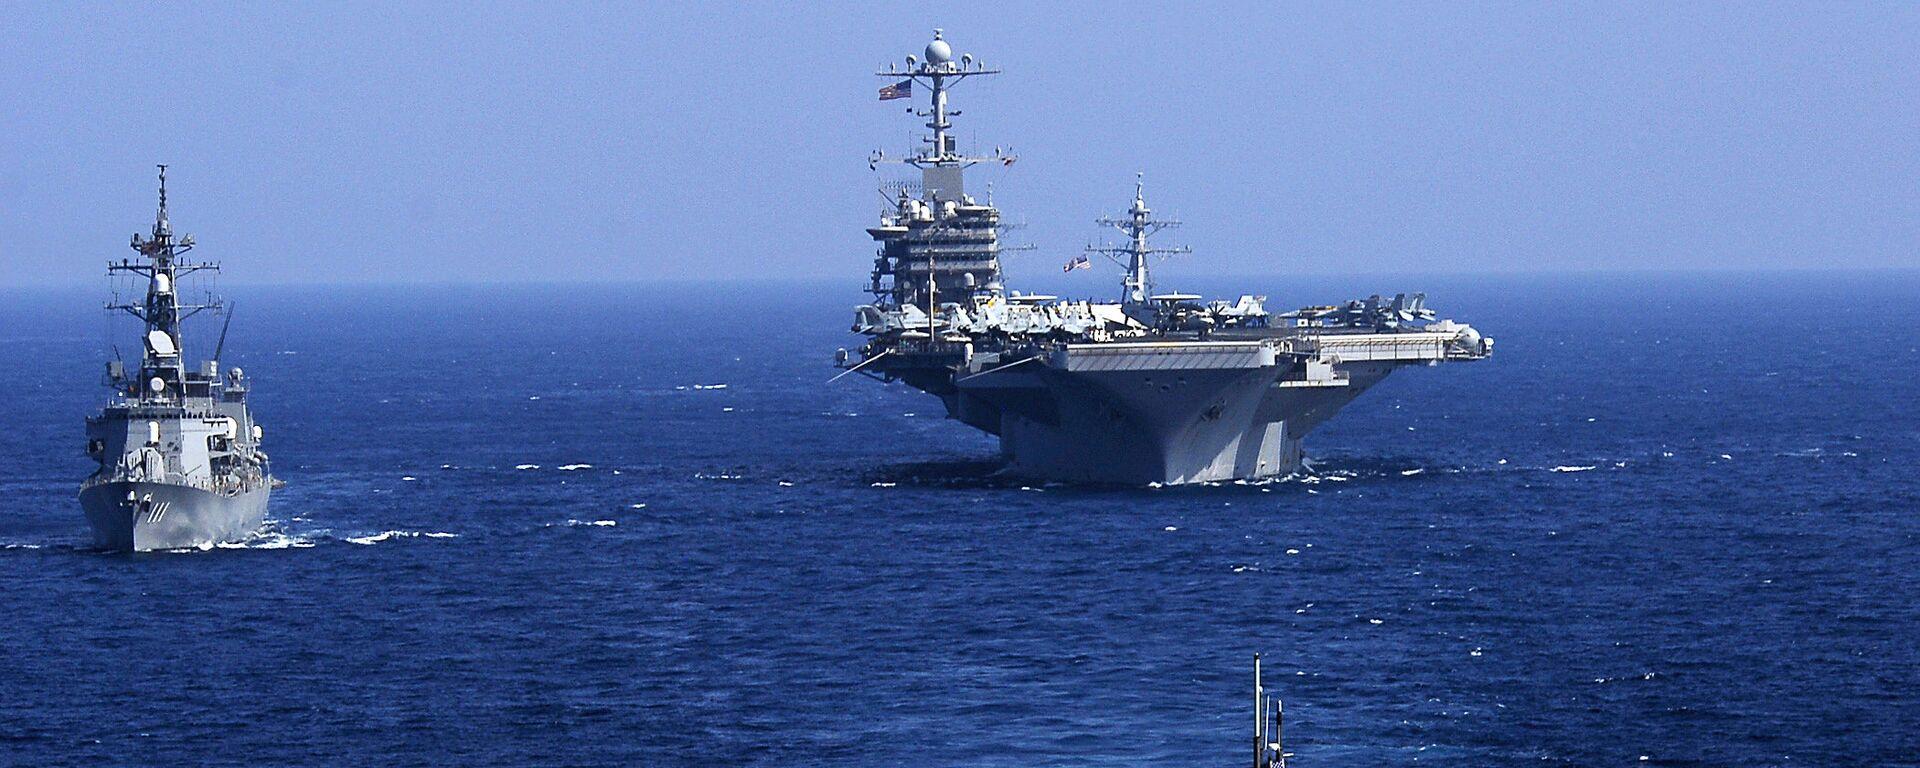 El submarino estadounidense USS Seawolf, junto al portaviones USS John C. Stennis y el destructor japonés JS Oonami, 12 de febrero de 2009 - Sputnik Mundo, 1920, 29.05.2017